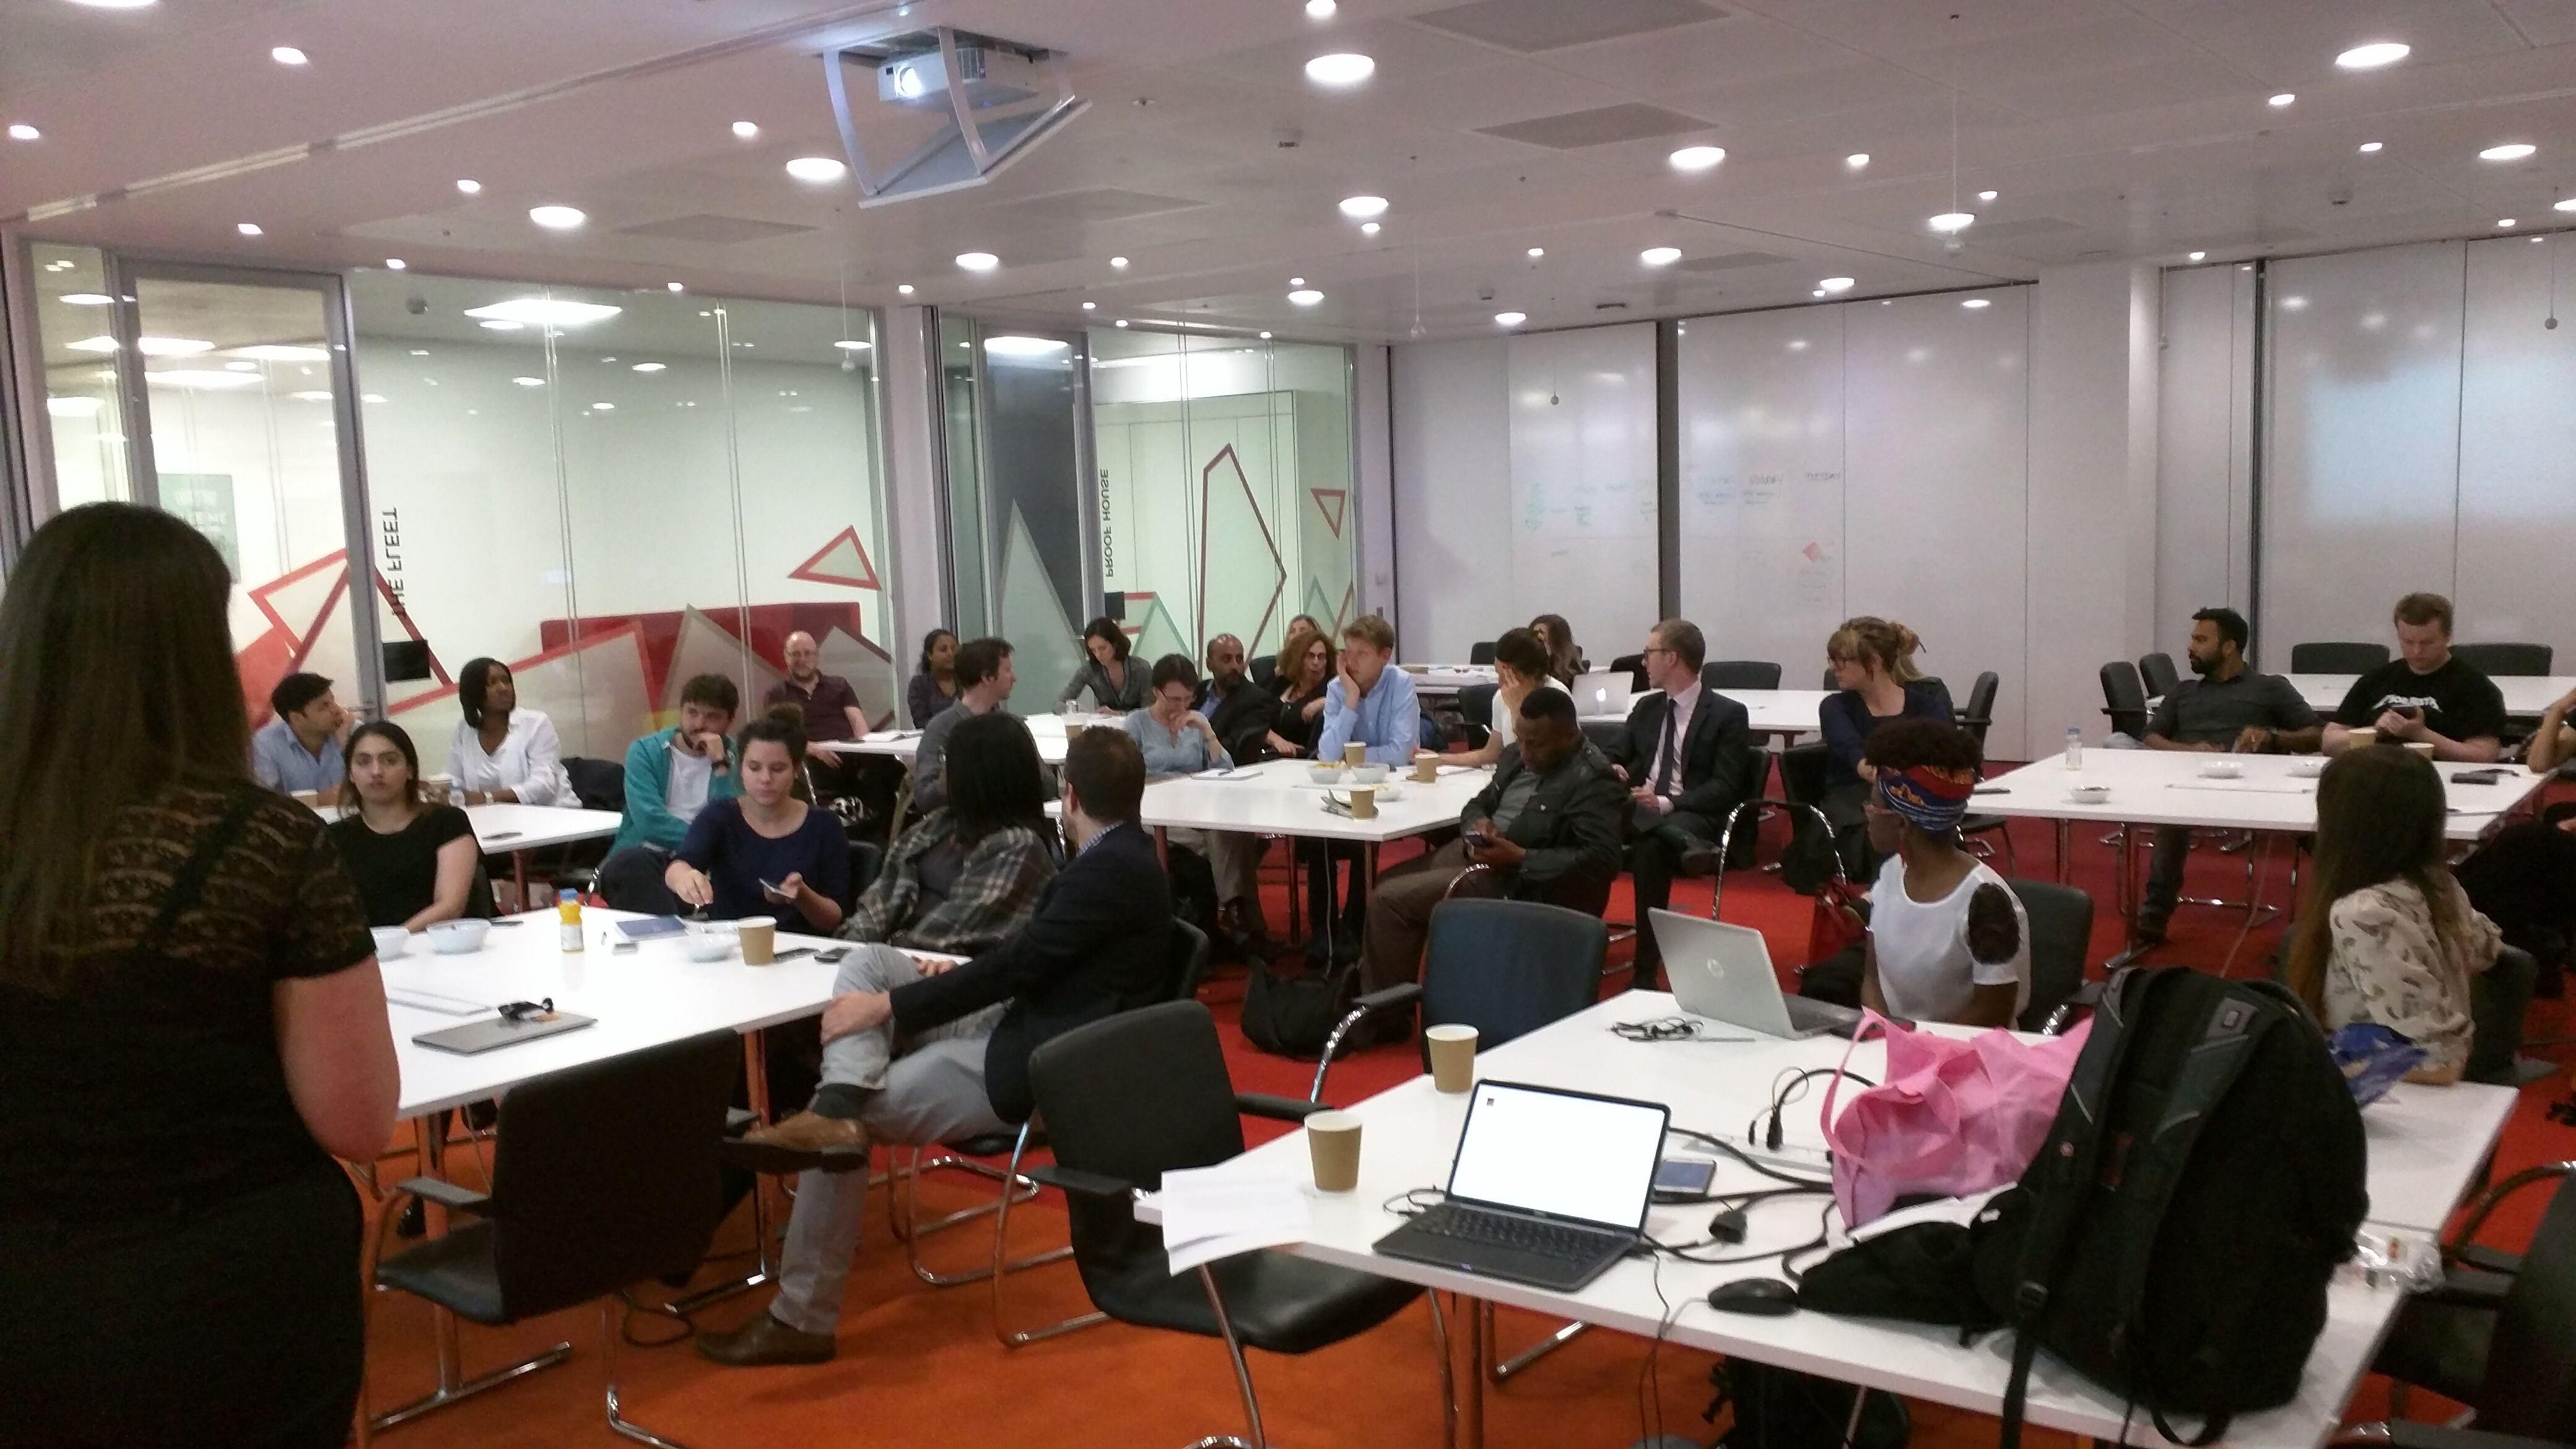 London ICT4D Group